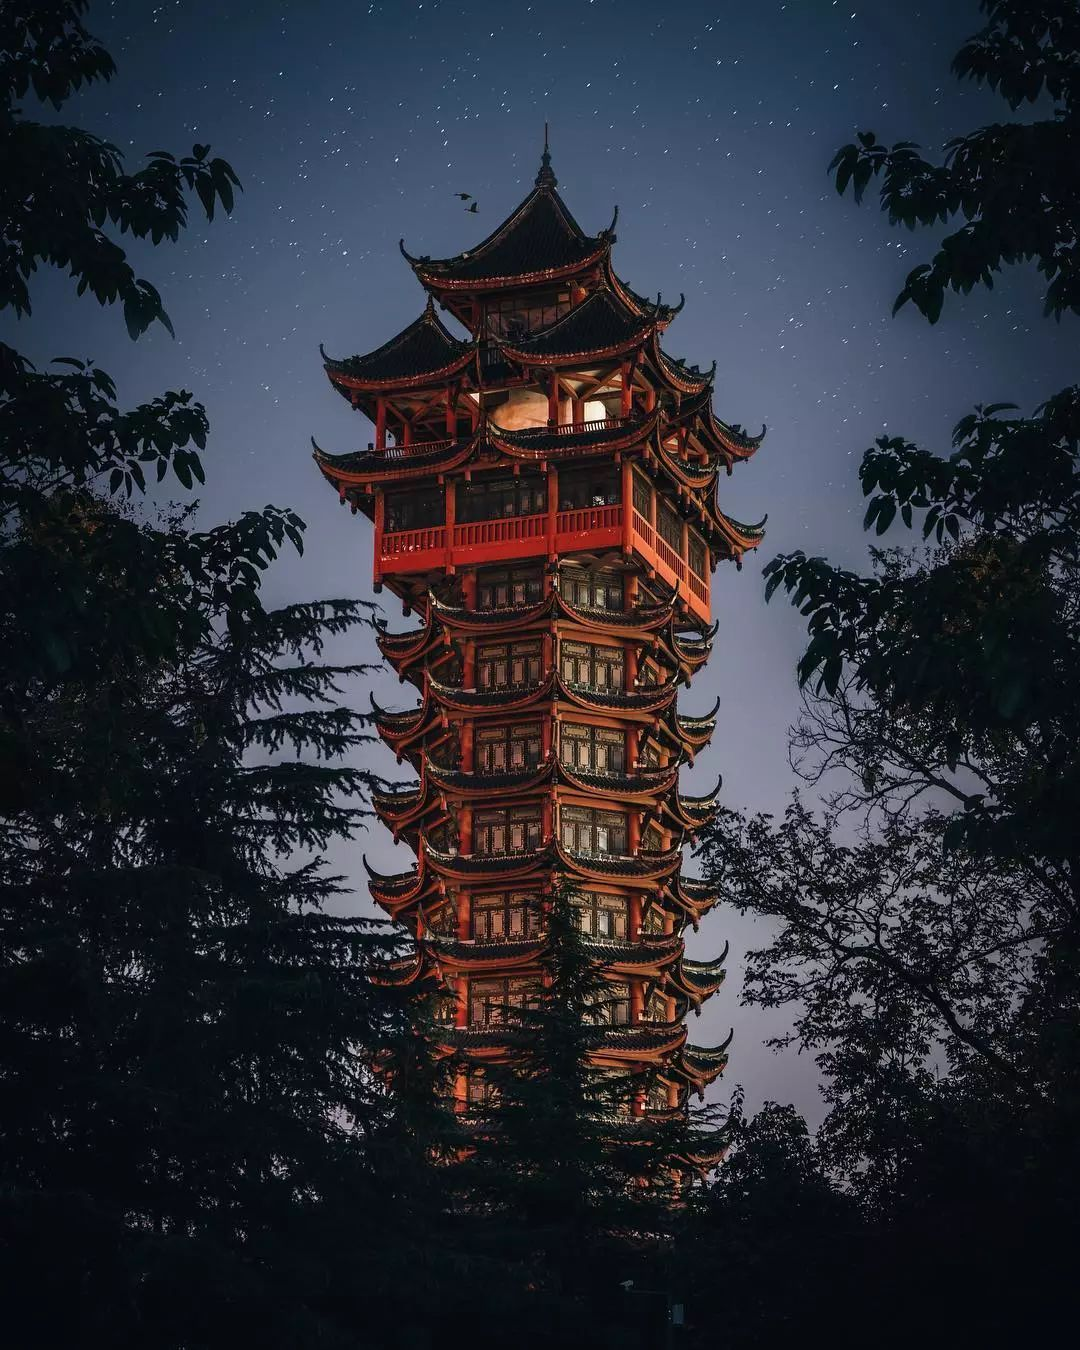 日本摄影师RK眼里的中国